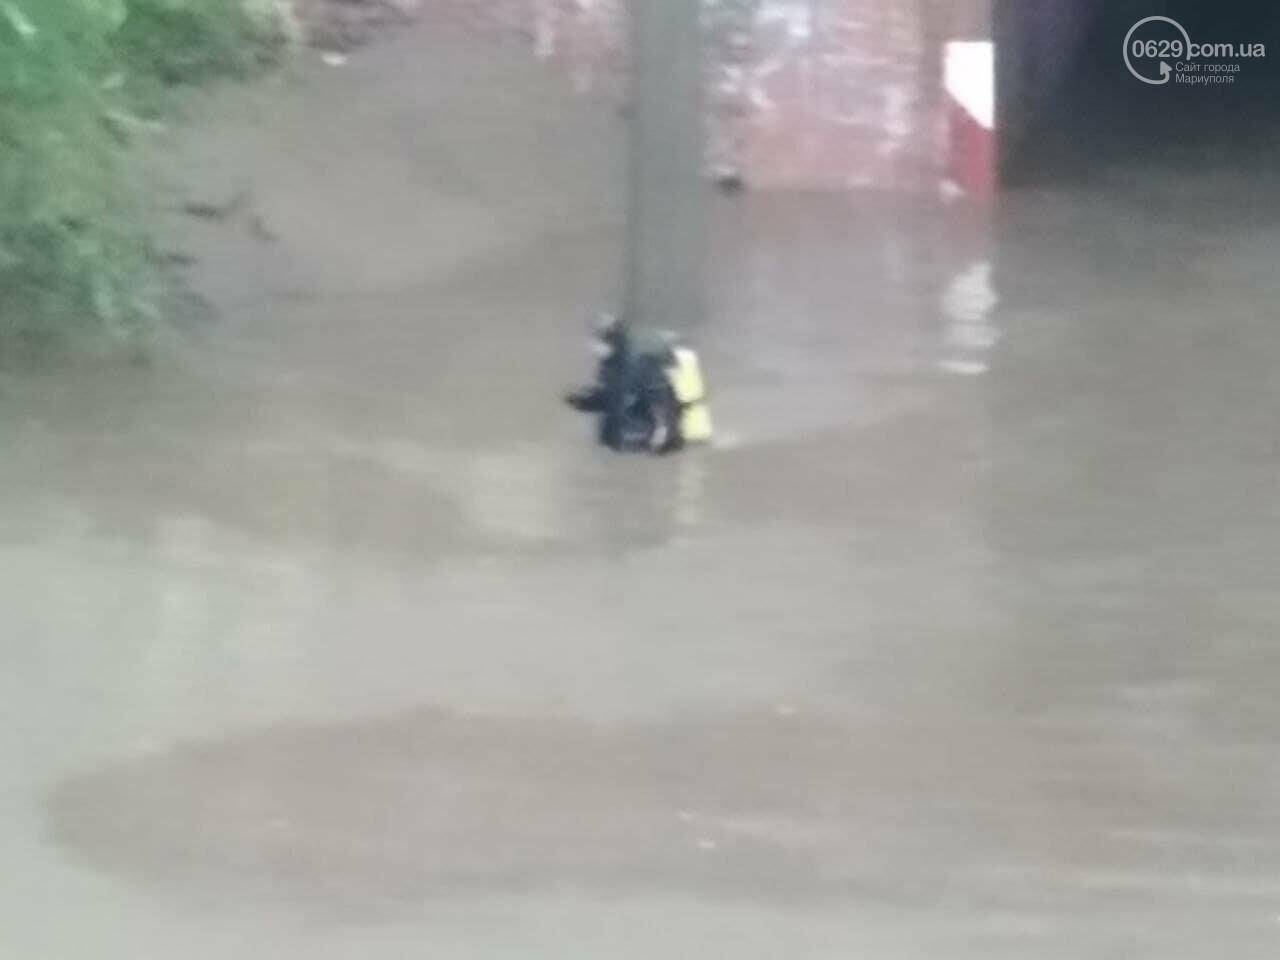 Потоп на улице Громовой. Водолазы опускаются на дно искусственного озера, - ФОТО, ВИДЕО, фото-9